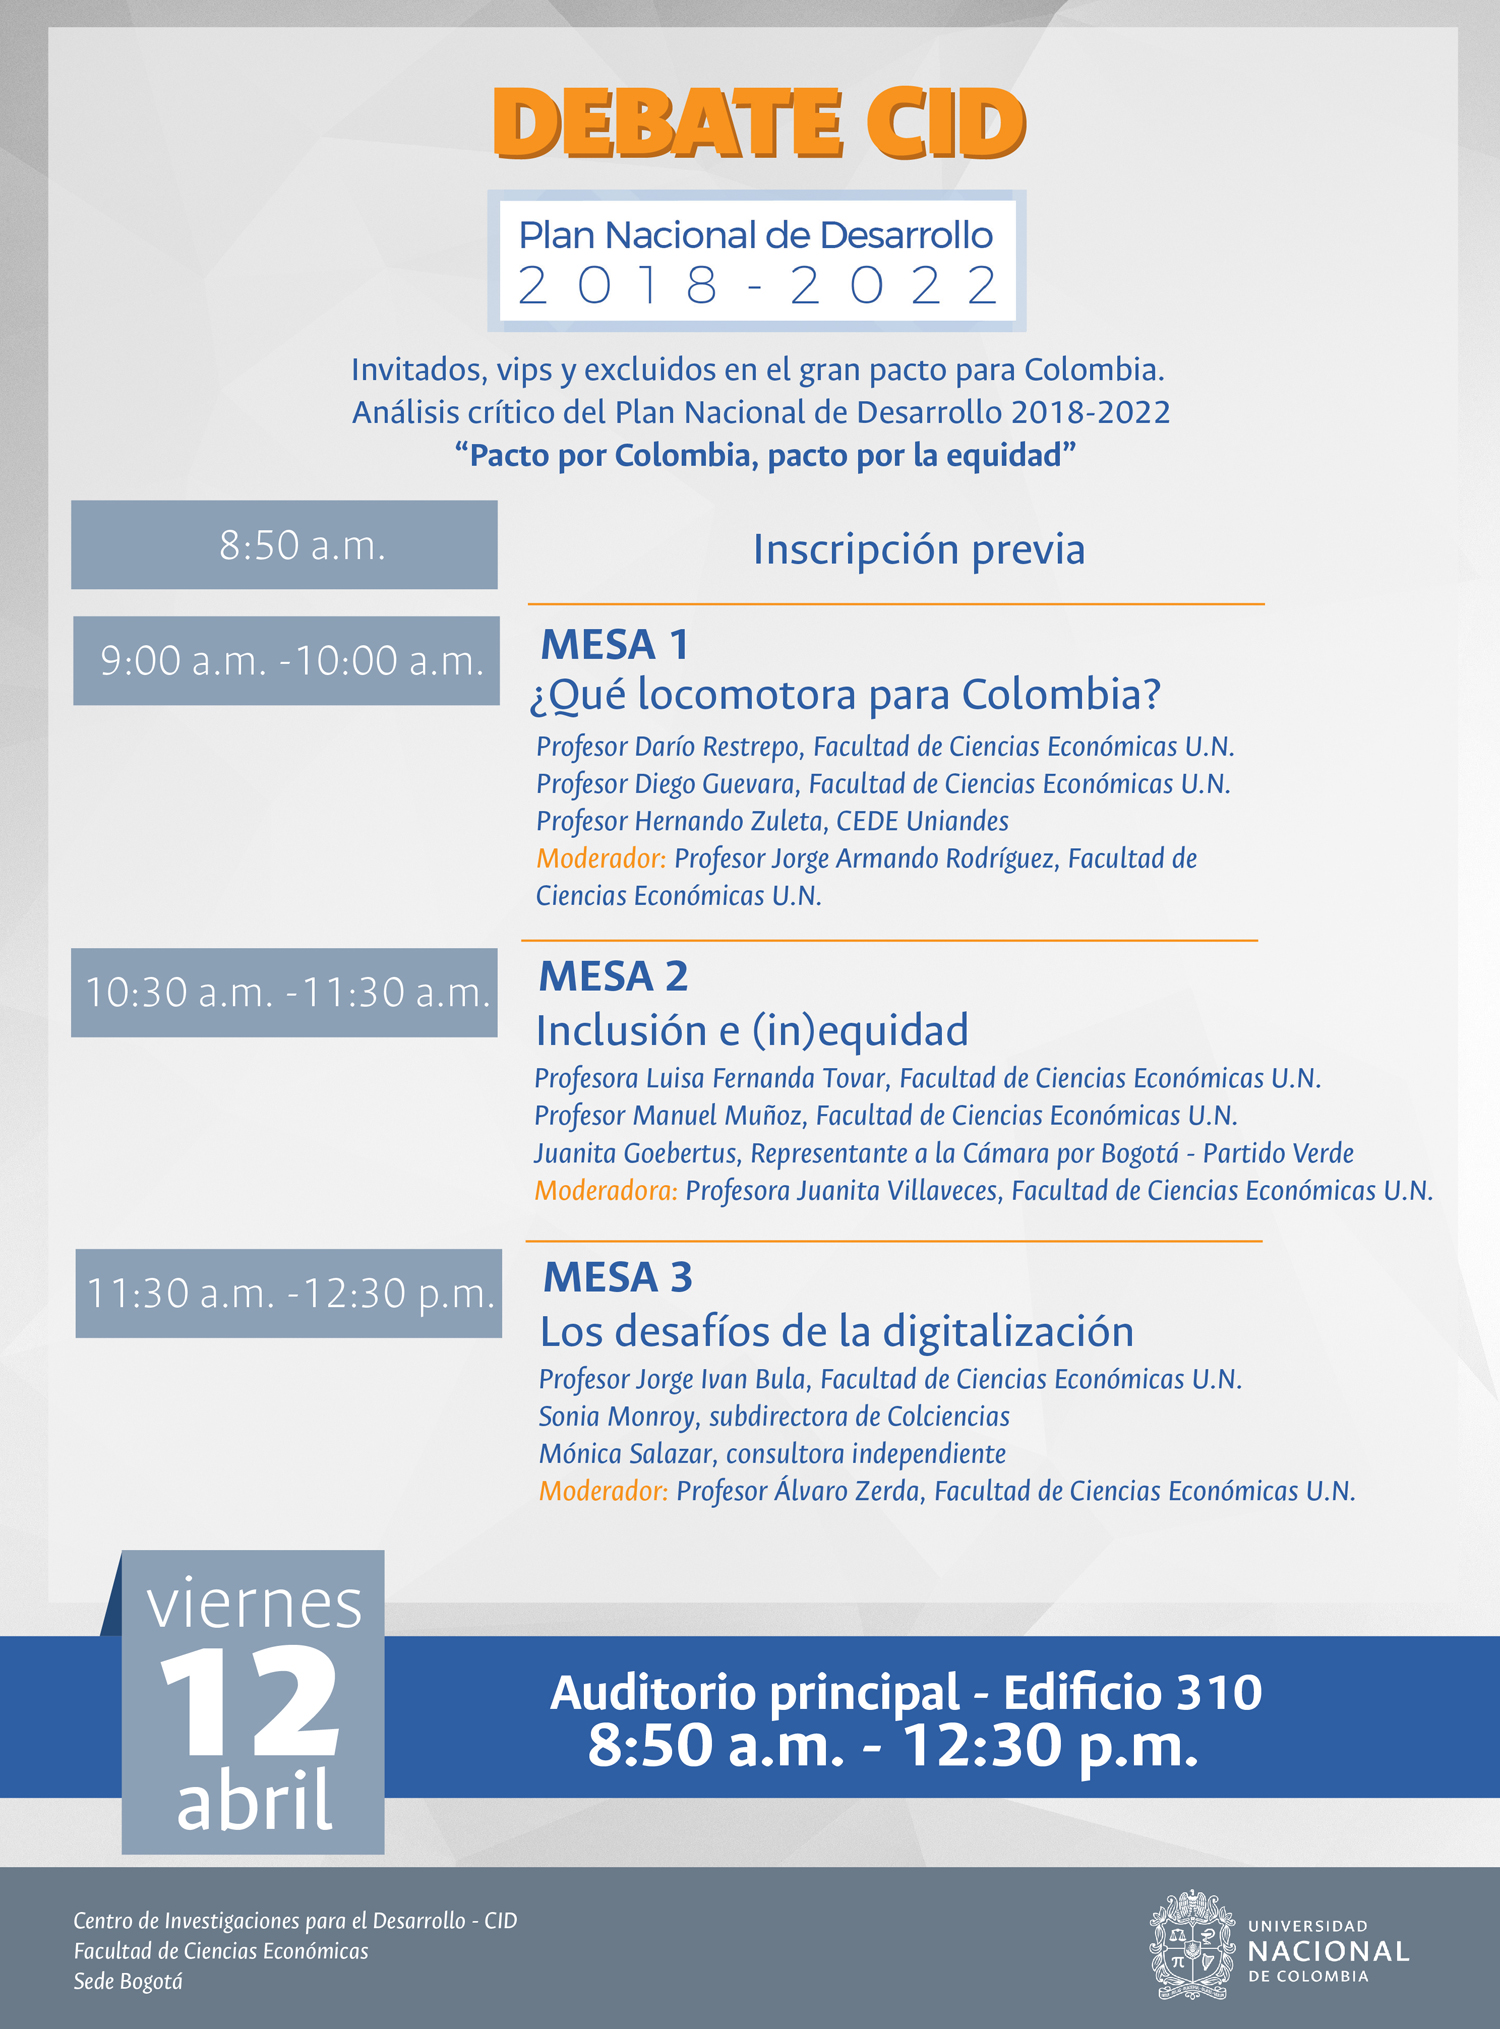 """[Debate CID] «Invitados, vips y excluidos en el gran pacto por Colombia. Análisis crítico del Plan Nacional de Desarrollo 2018-2022 """"Pacto por Colombia, pacto por la equidad""""»"""